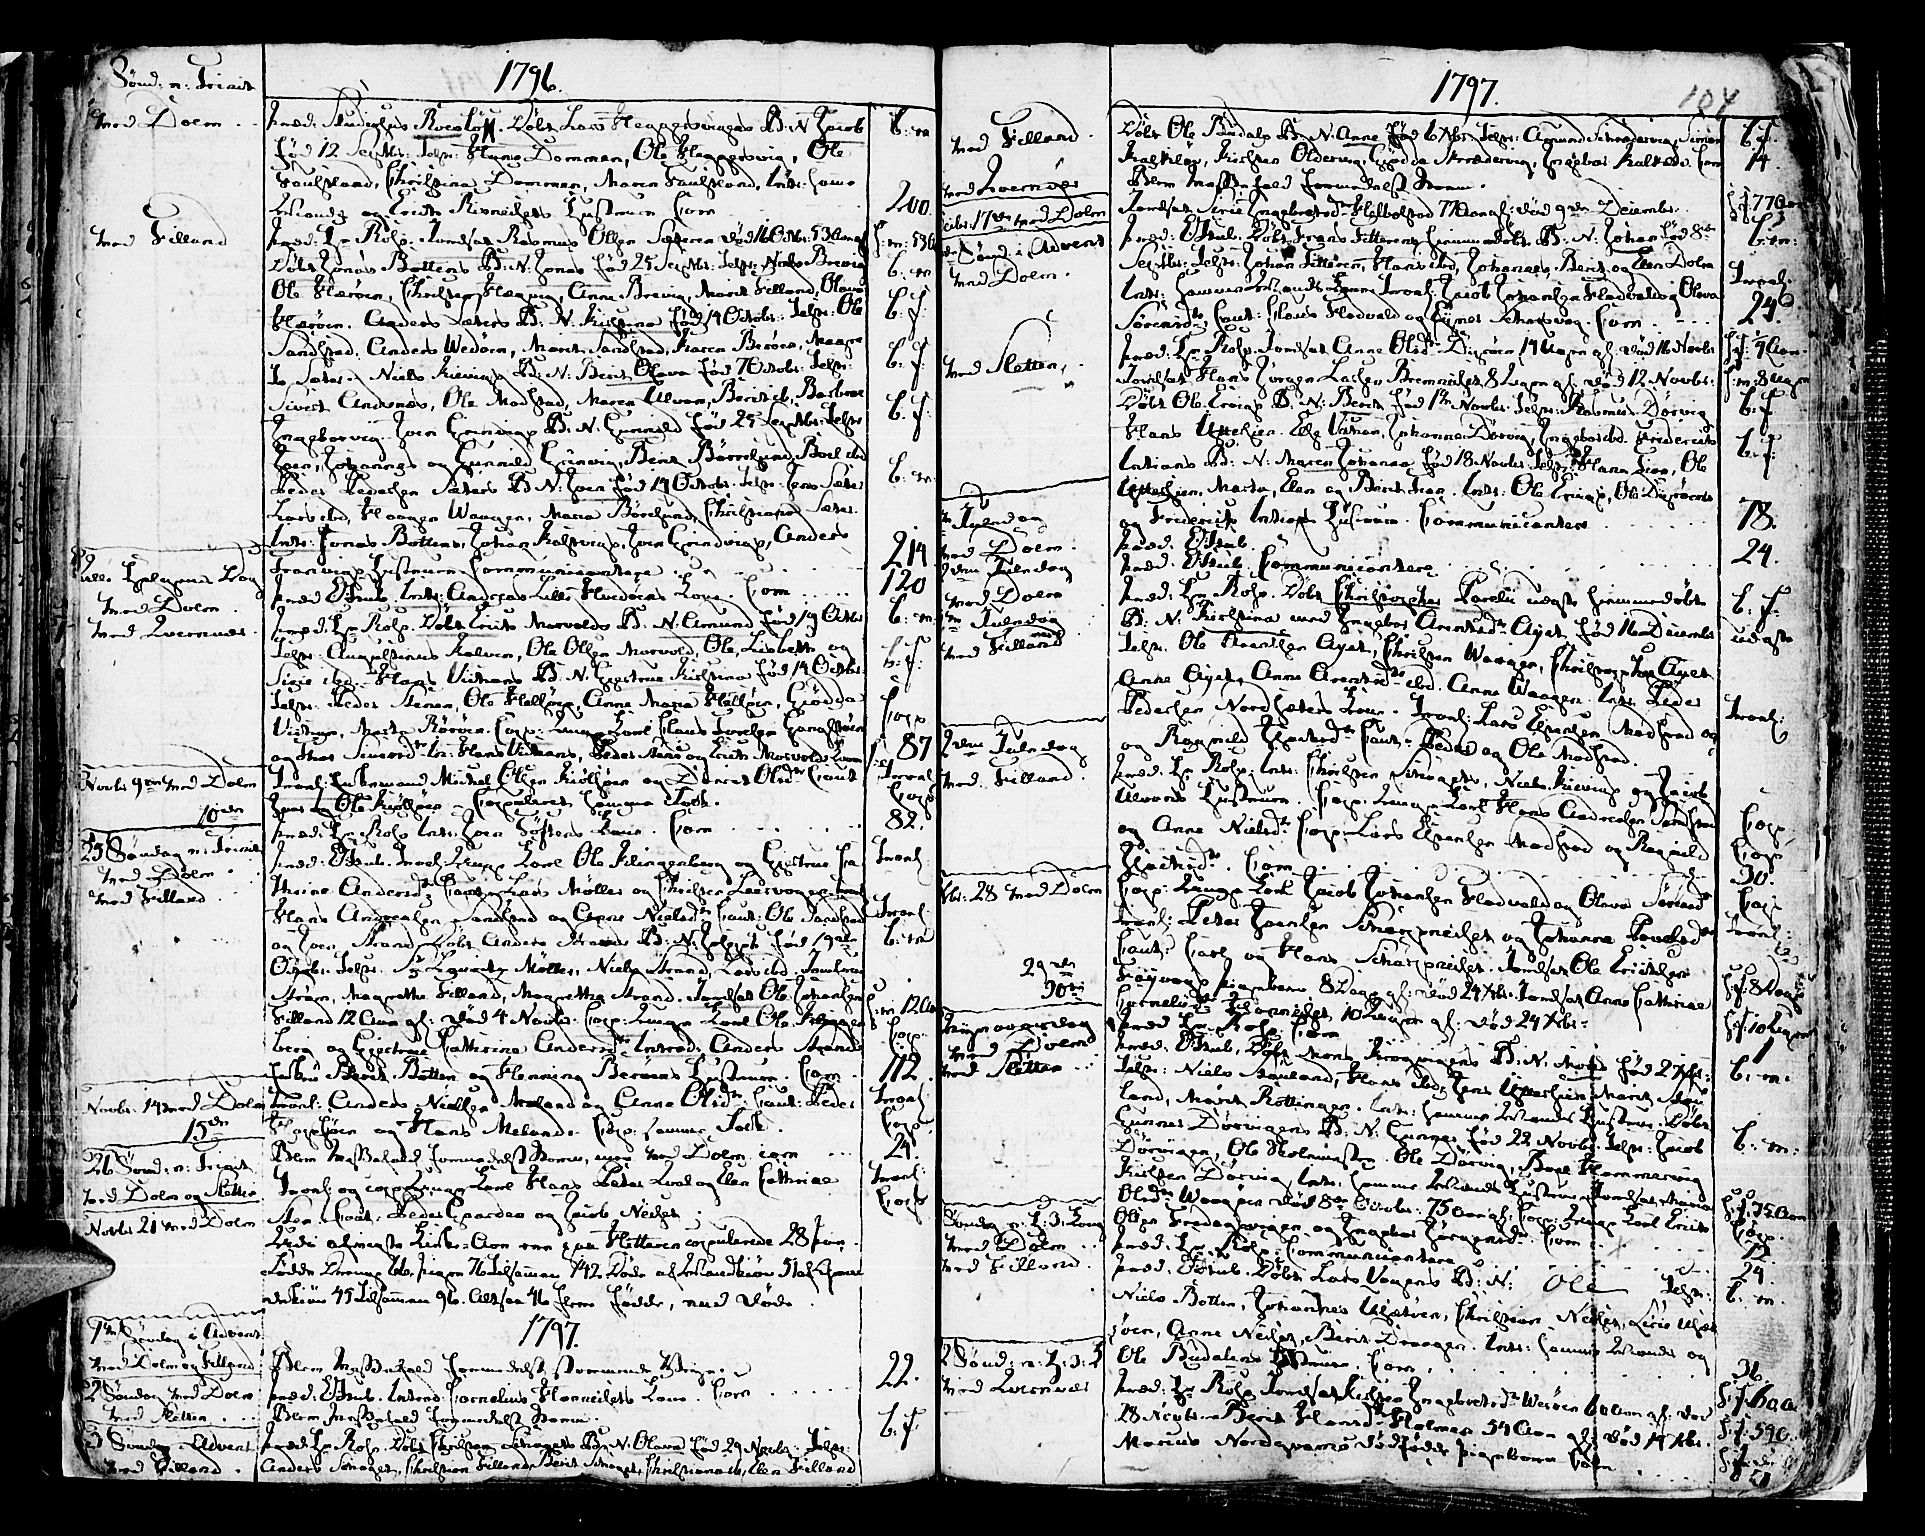 SAT, Ministerialprotokoller, klokkerbøker og fødselsregistre - Sør-Trøndelag, 634/L0526: Ministerialbok nr. 634A02, 1775-1818, s. 104